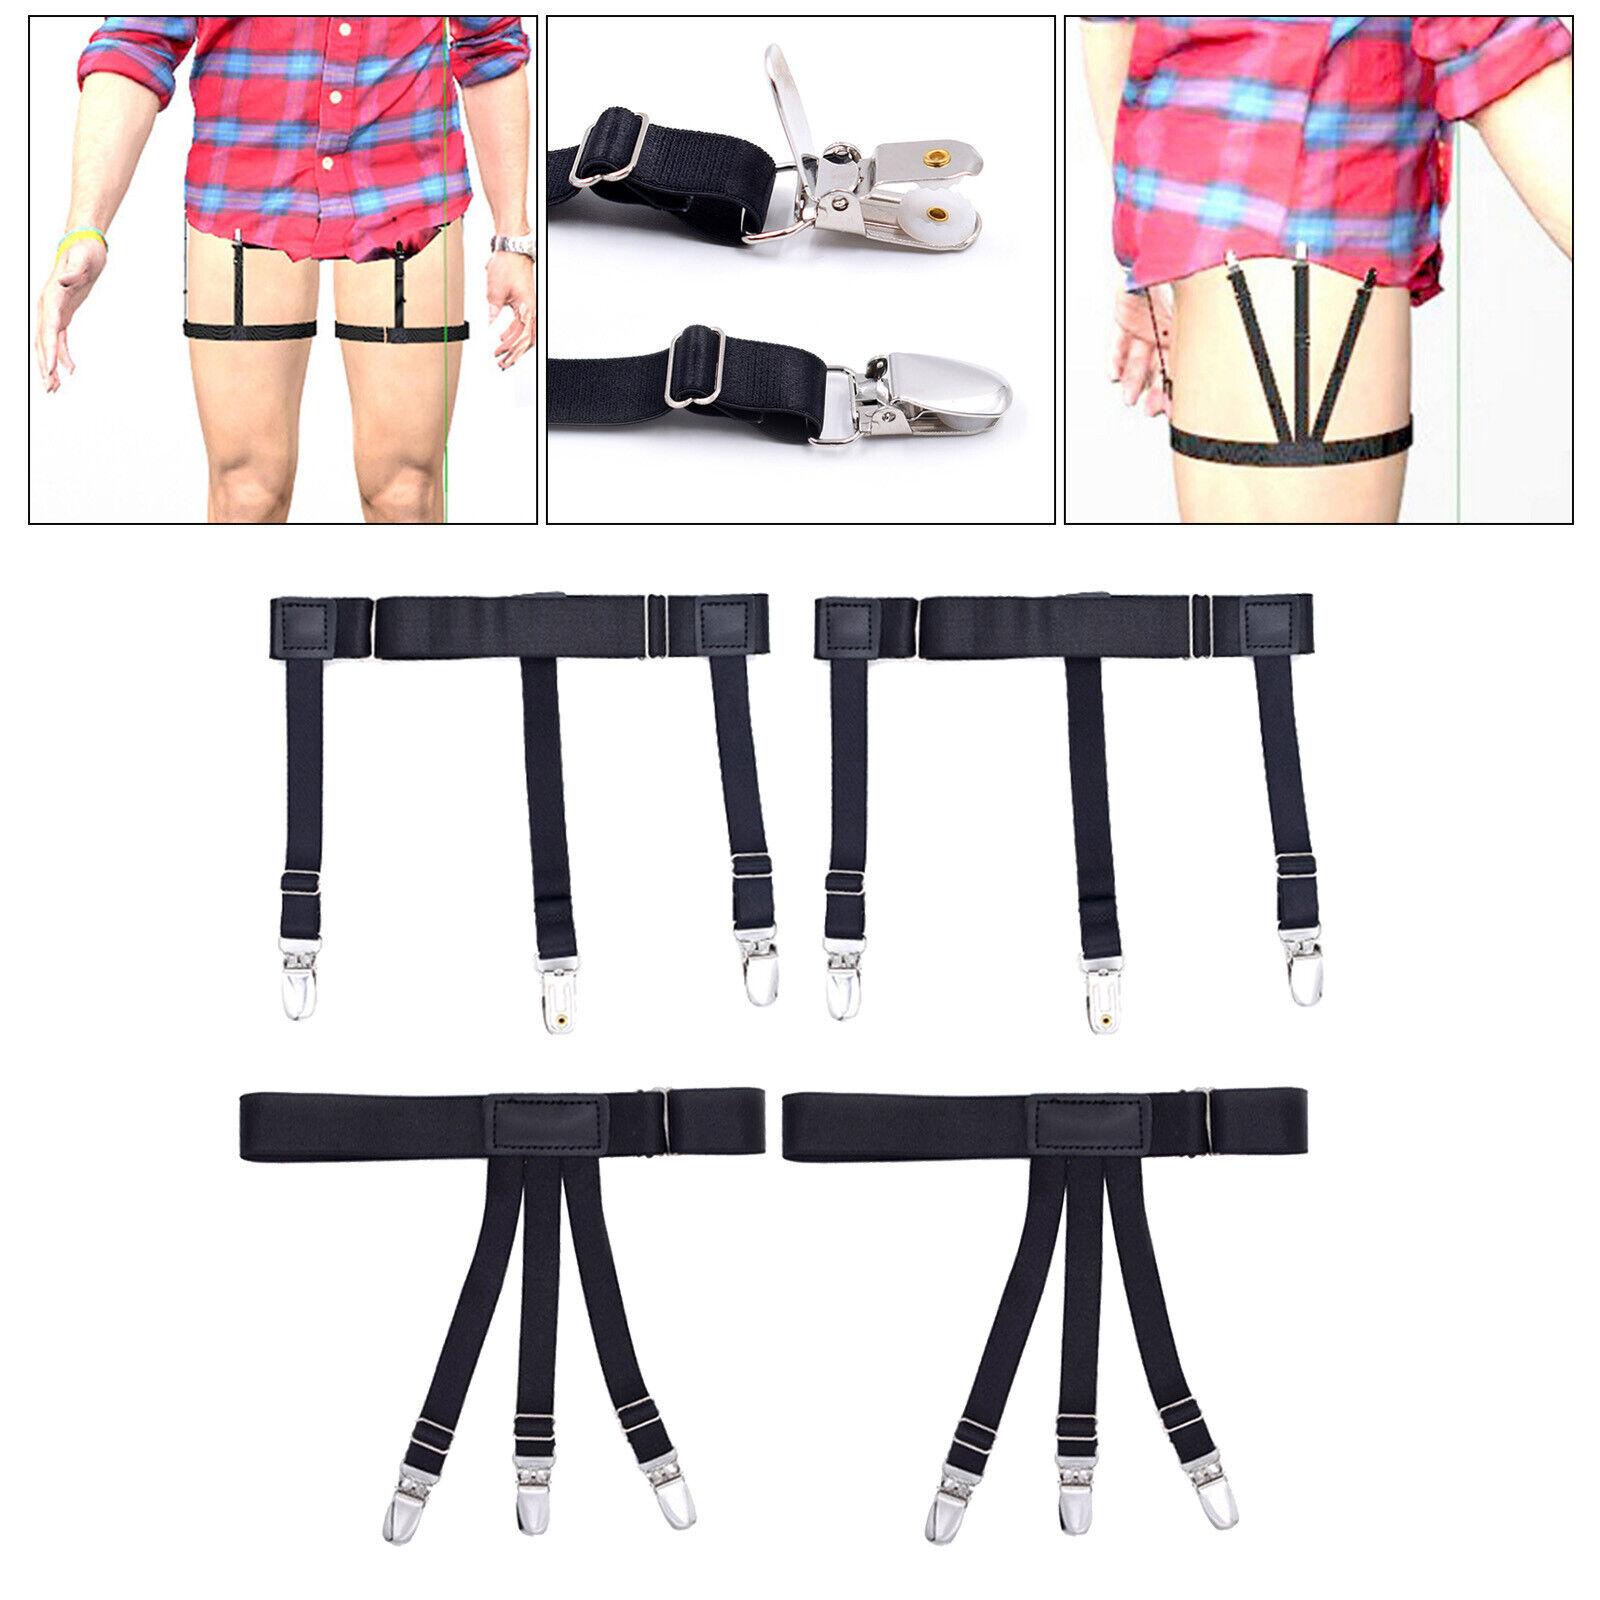 2x Men Shirt Stays Holder Thigh Garters Suspenders Non-slip Locking